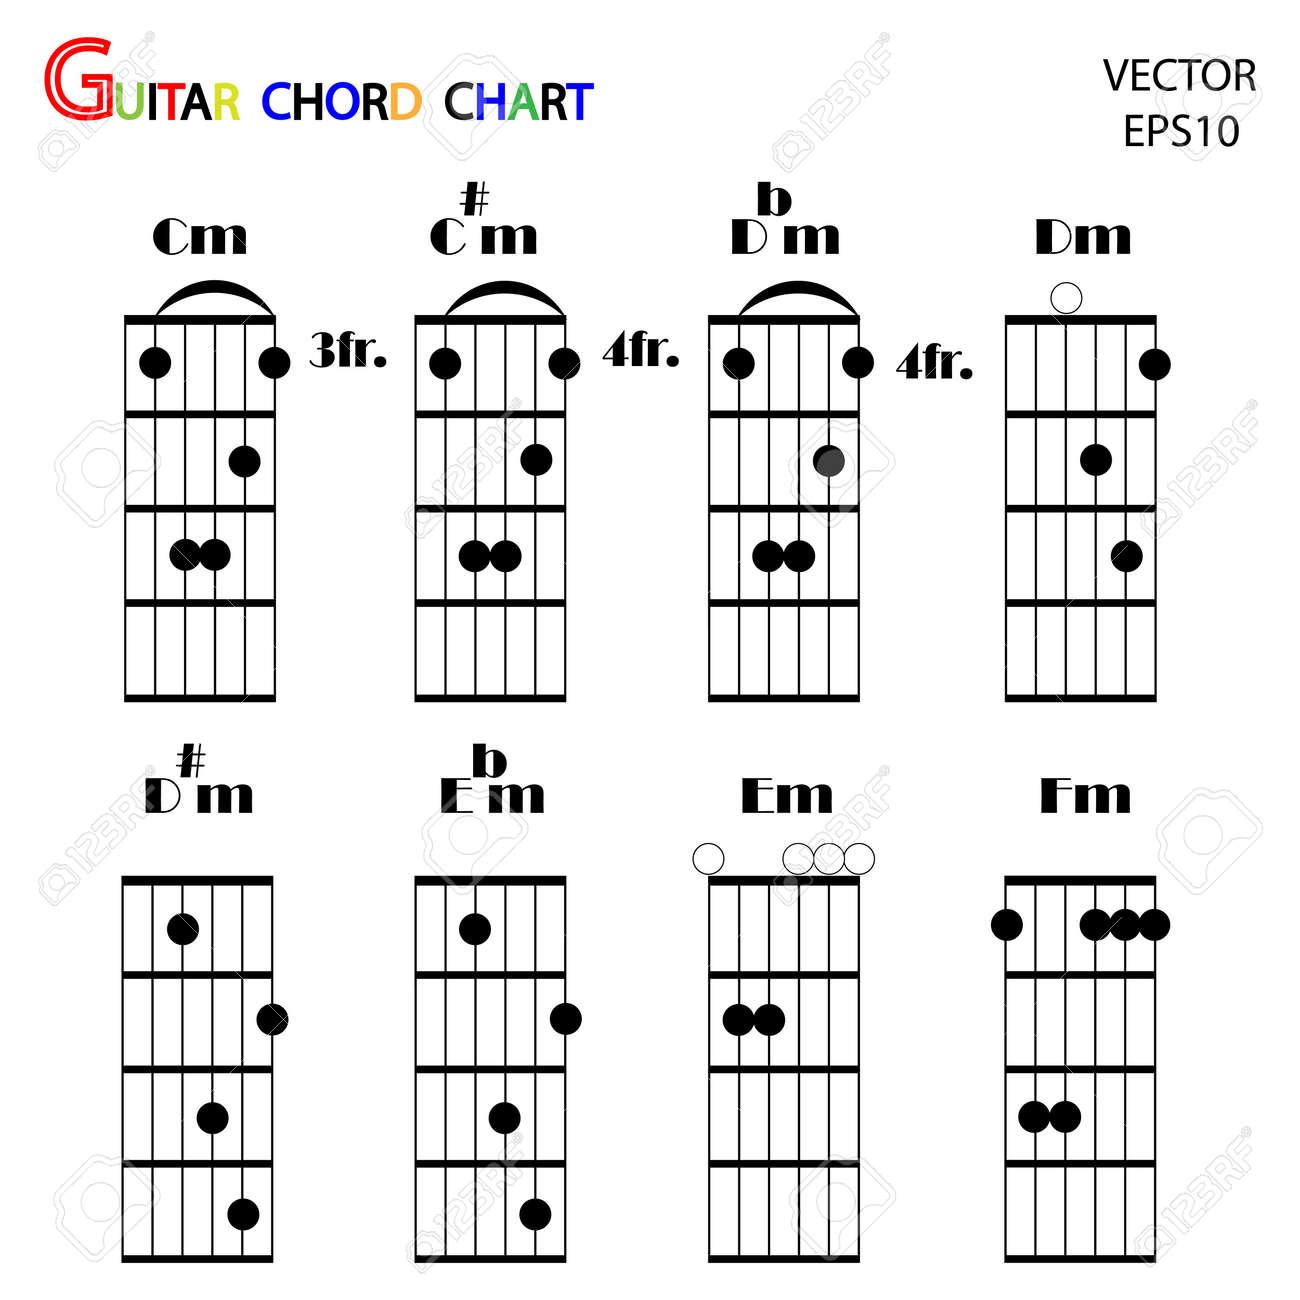 guitar chord chart beginner